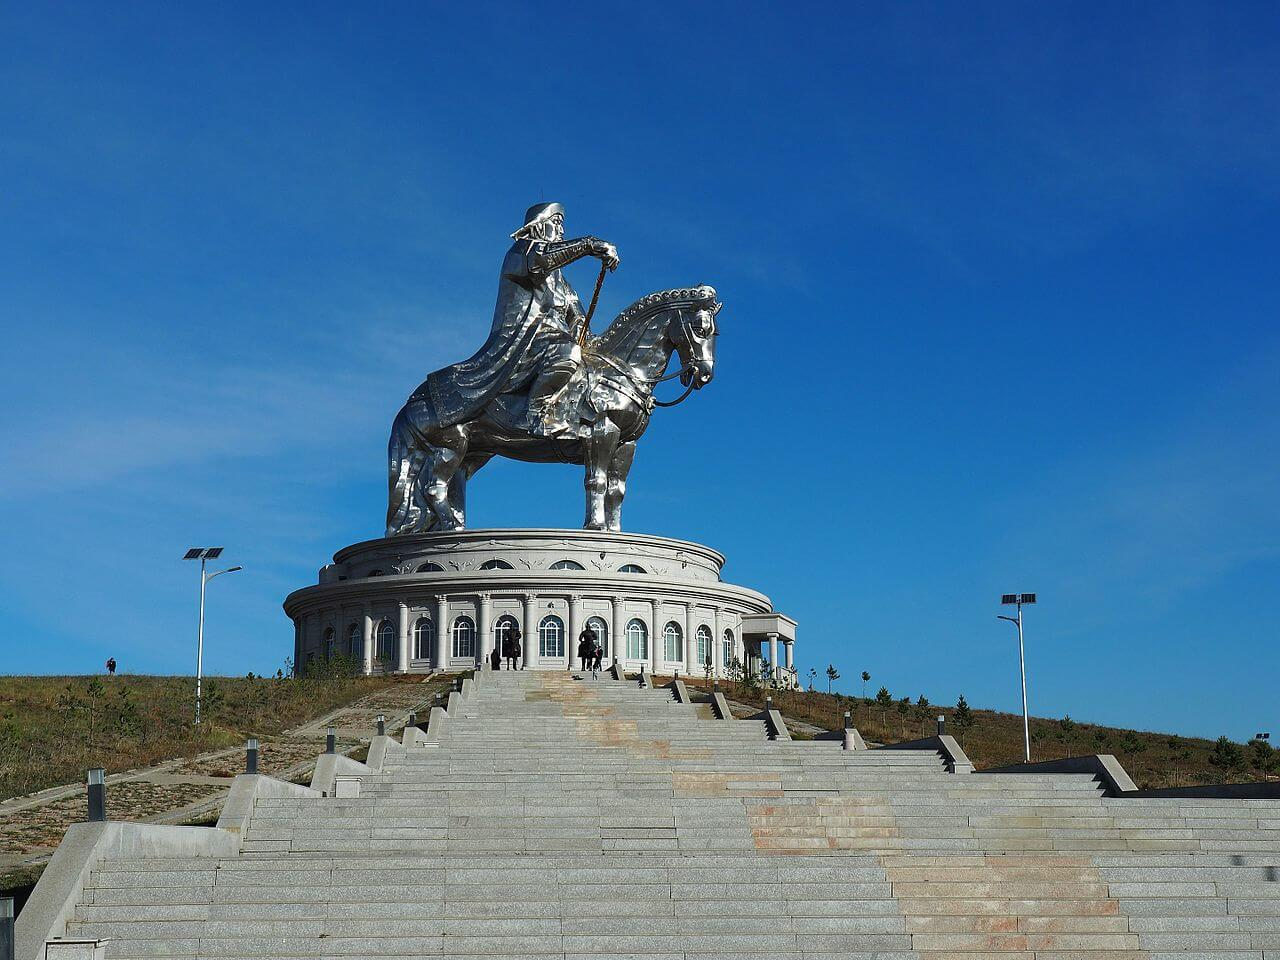 Нельзя отказываться от полноценной автобусной экскурсии к монументу Чингисхану. Великий завоеватель – национальный монгольский герой